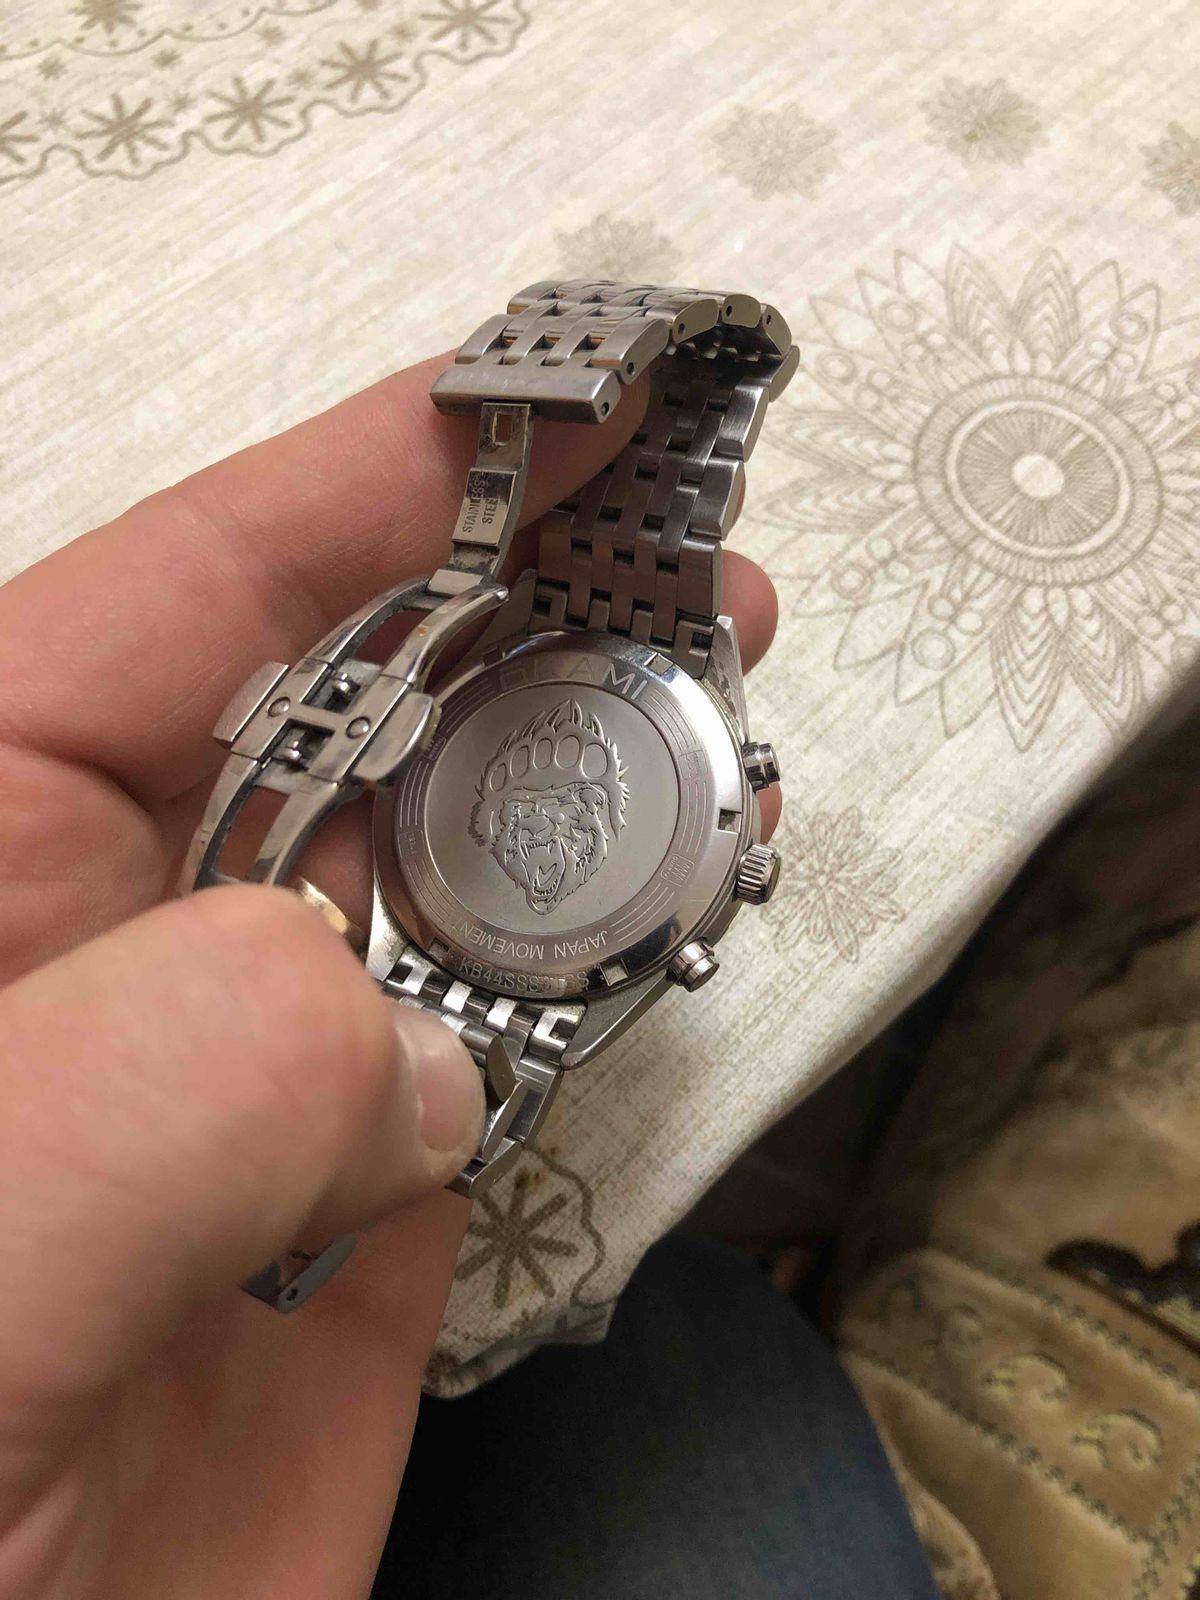 Очень хорошие часы, рекомендую! купил год назад, цвет не теряет , удобные